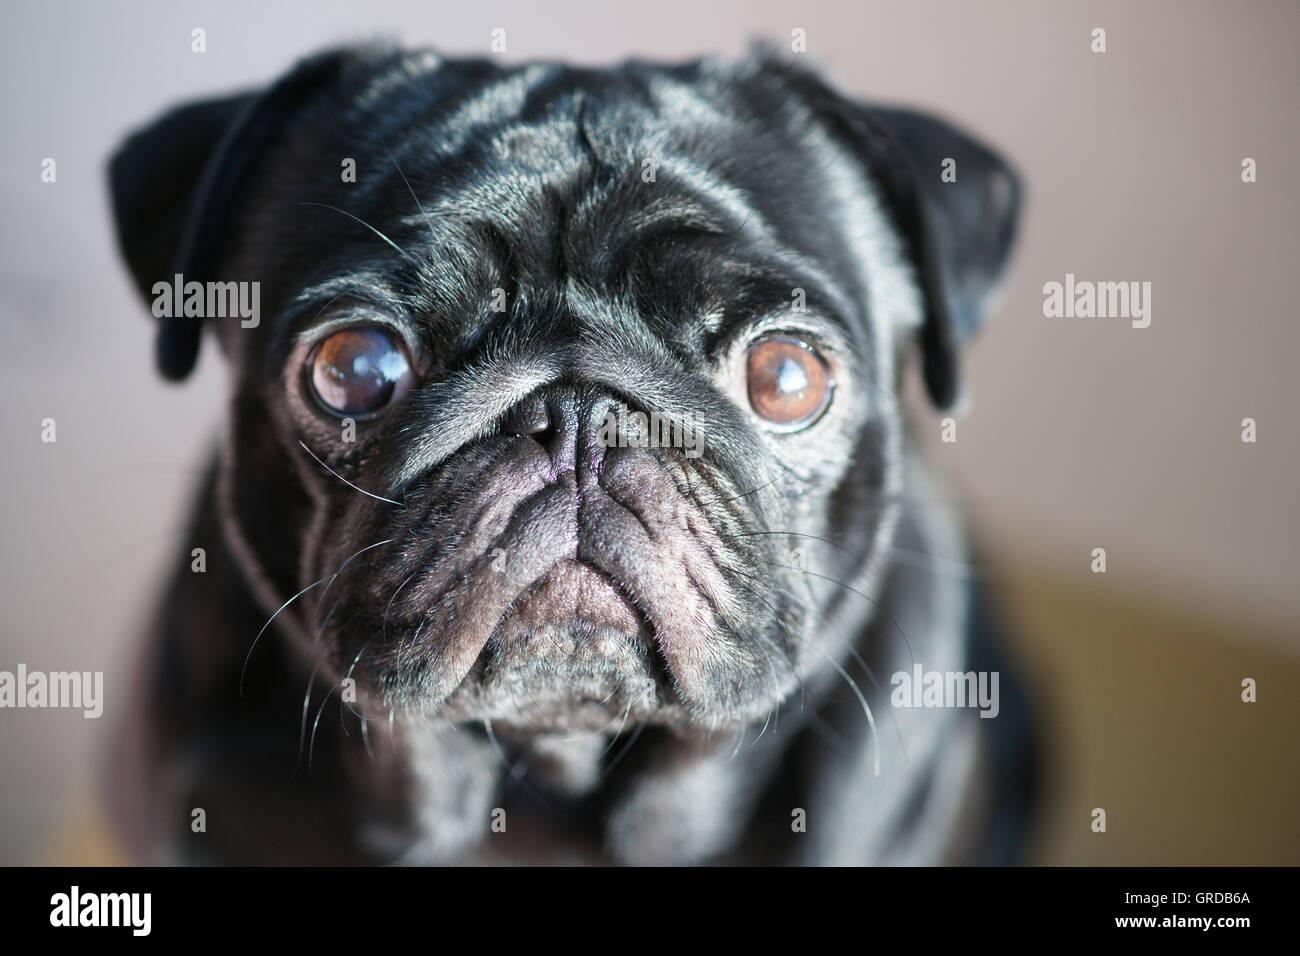 Black Pug Looks Interested, Portrait - Stock Image